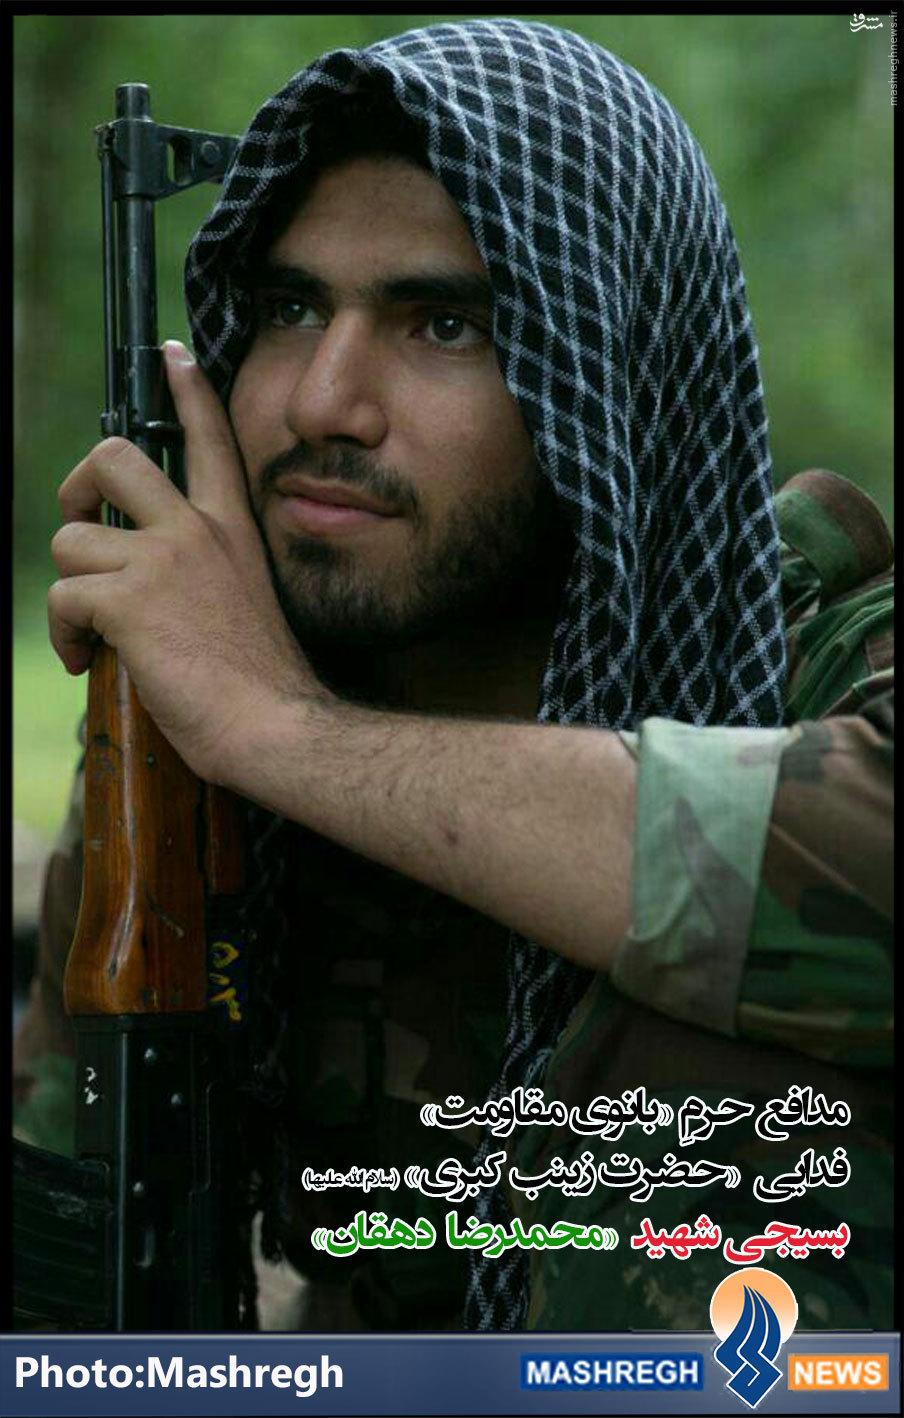 در آخرین روز ماه محرم، شهدای ایرانی «عملیات محرم» به 50 نفر رسید